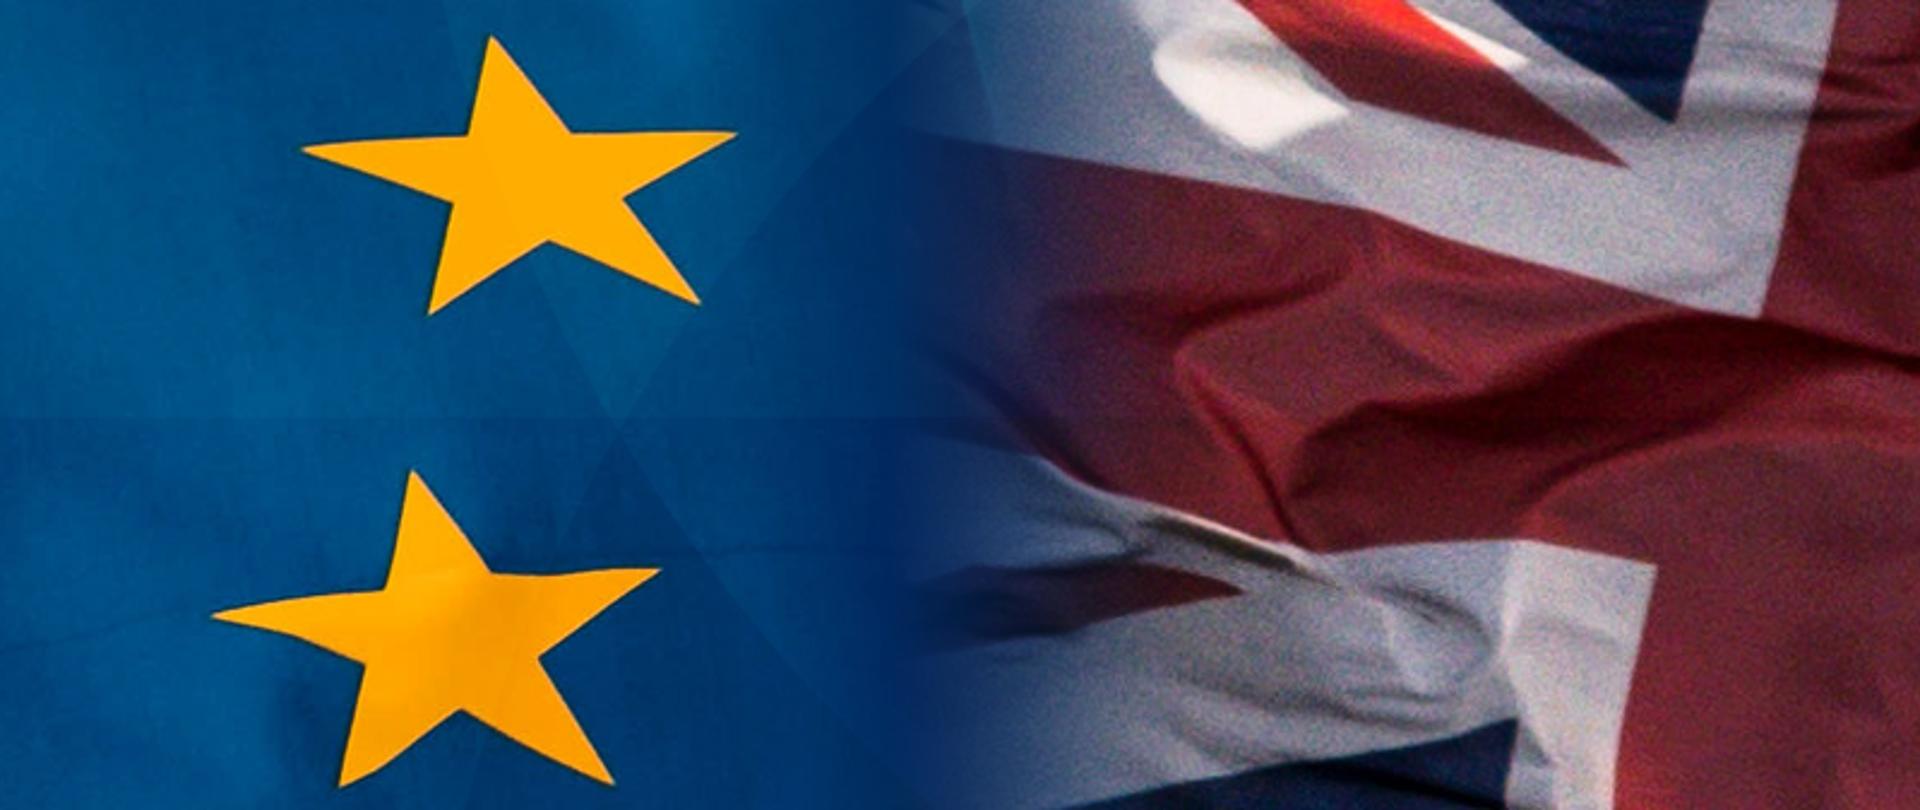 flagi UE i Wielkiej Brytanii